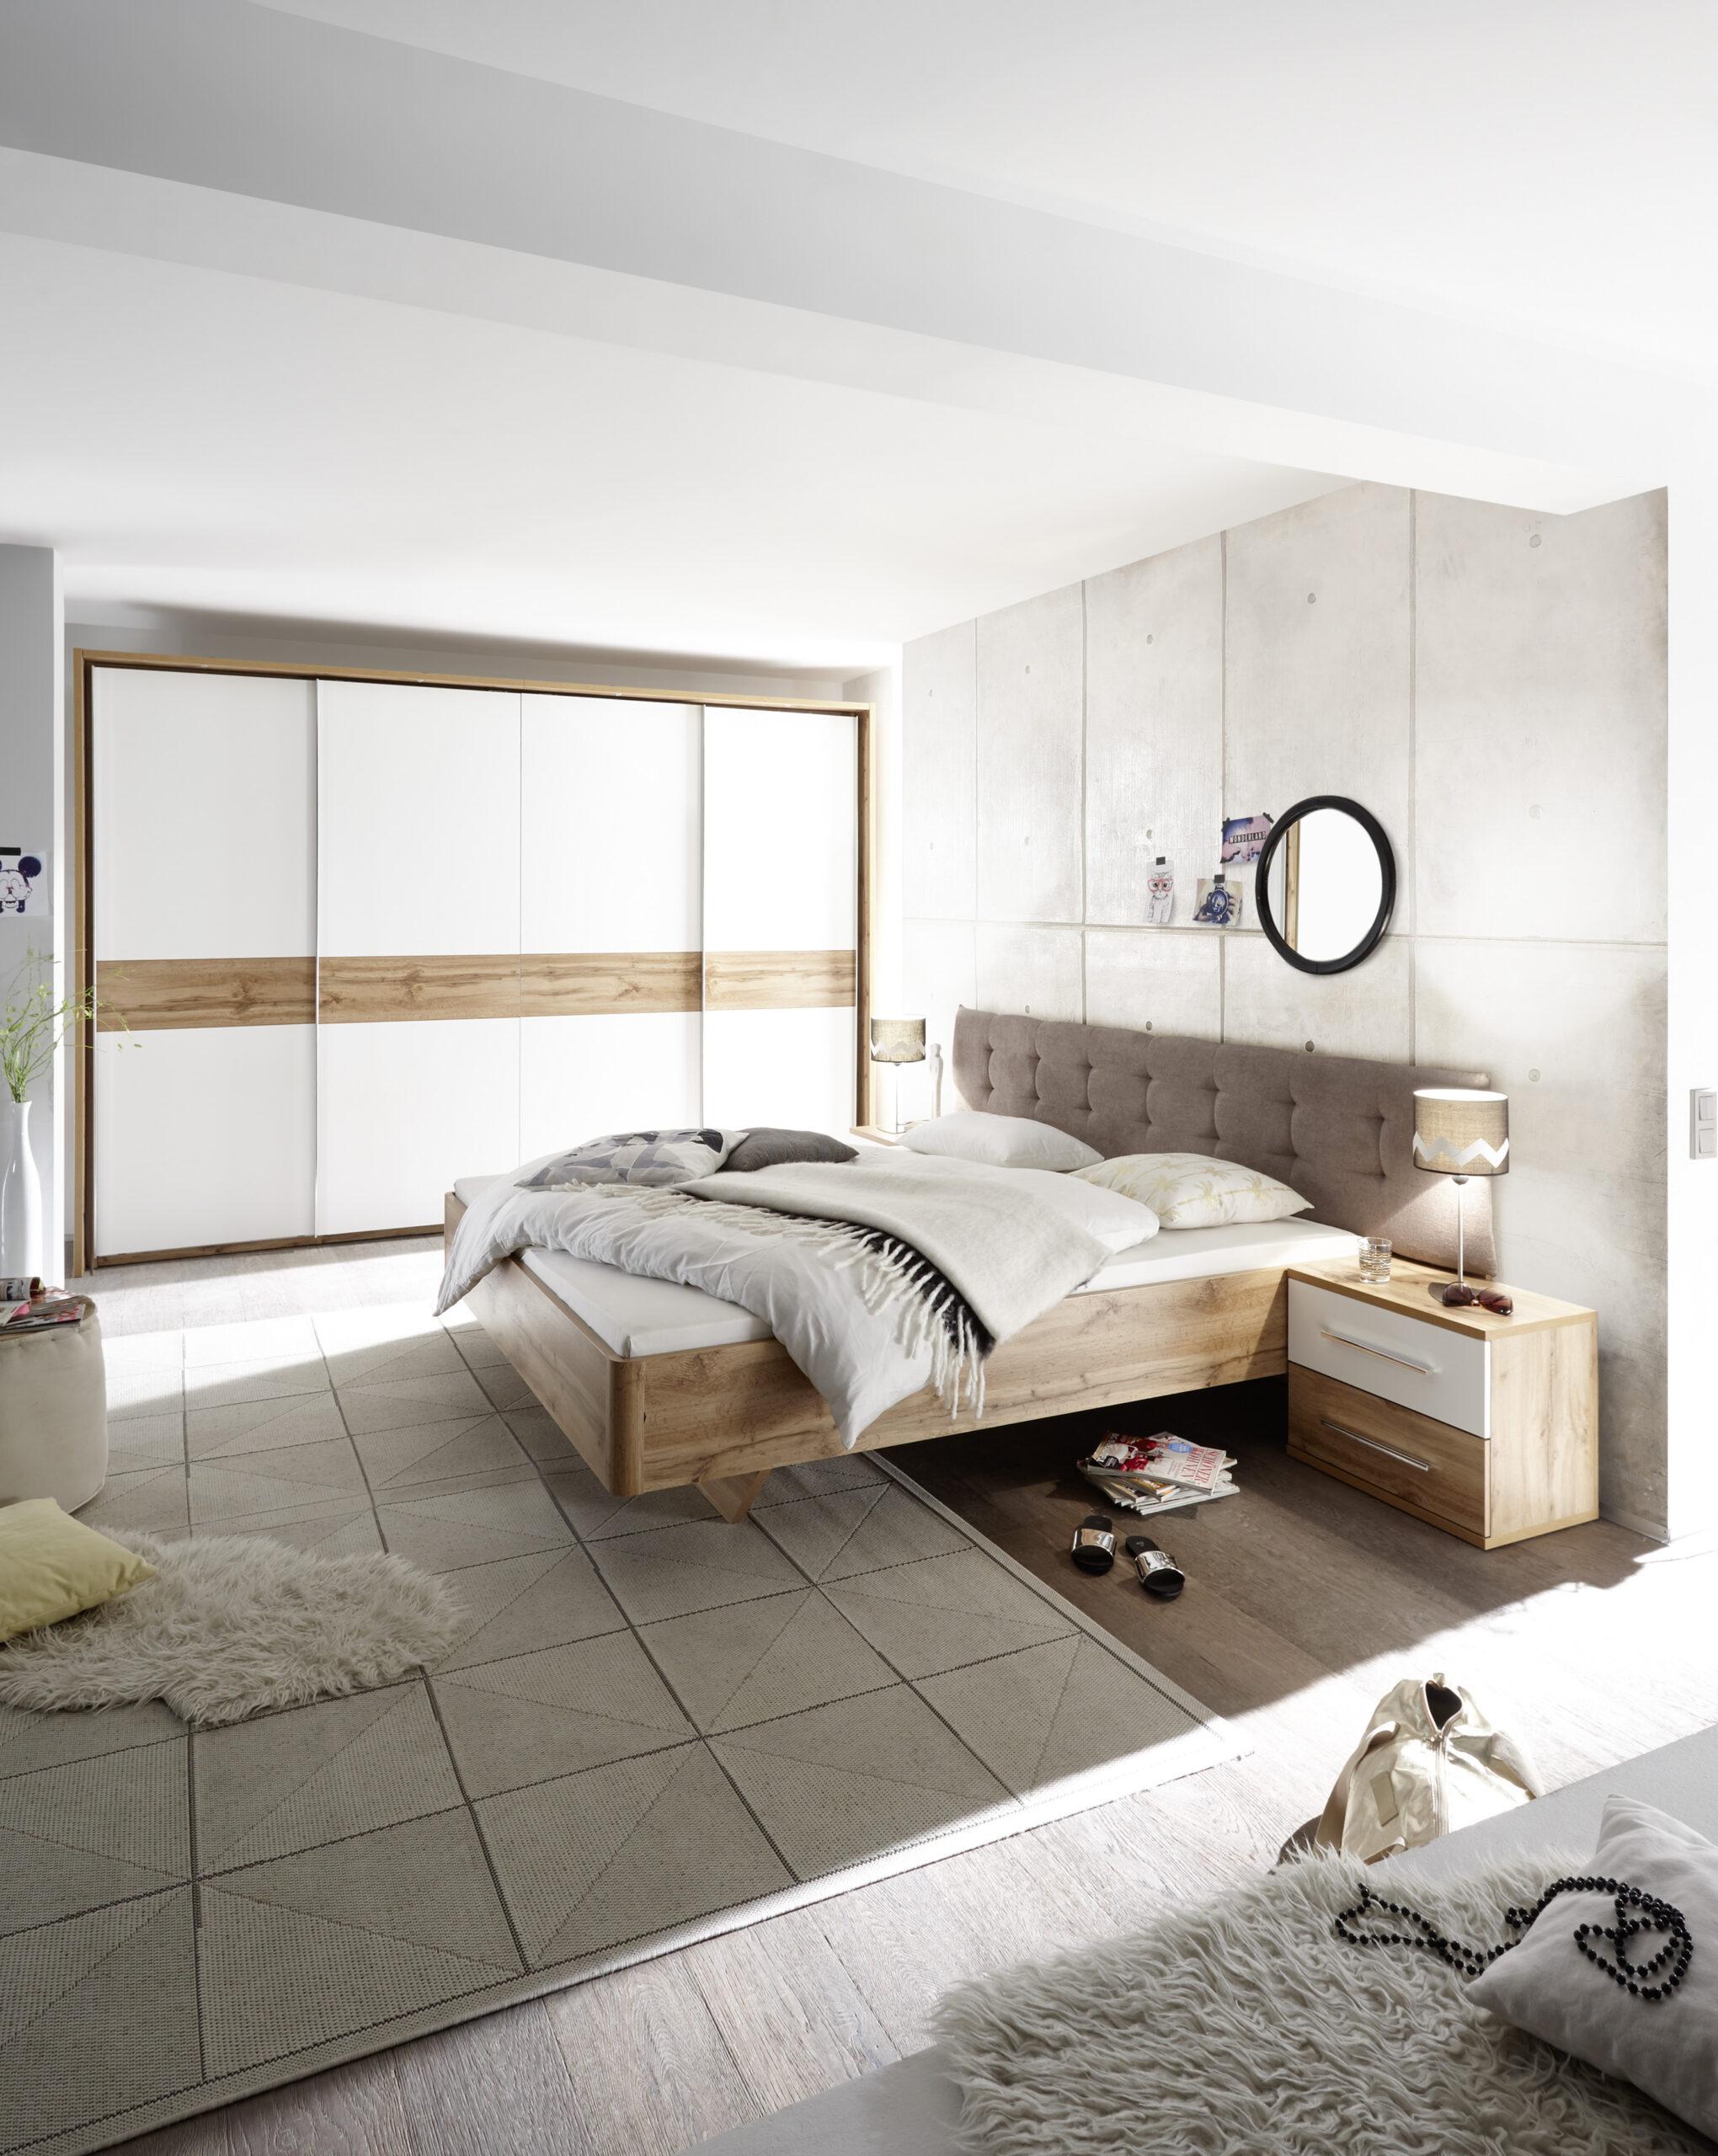 Full Size of Schlafzimmer Komplett Set 5 Tlg Bergamo Bett 180 Kleiderschrank Teppich Komplettangebote Kommode Günstig Mit Boxspringbett Lampen Schimmel Im Loddenkemper Wohnzimmer Schlafzimmer Komplett